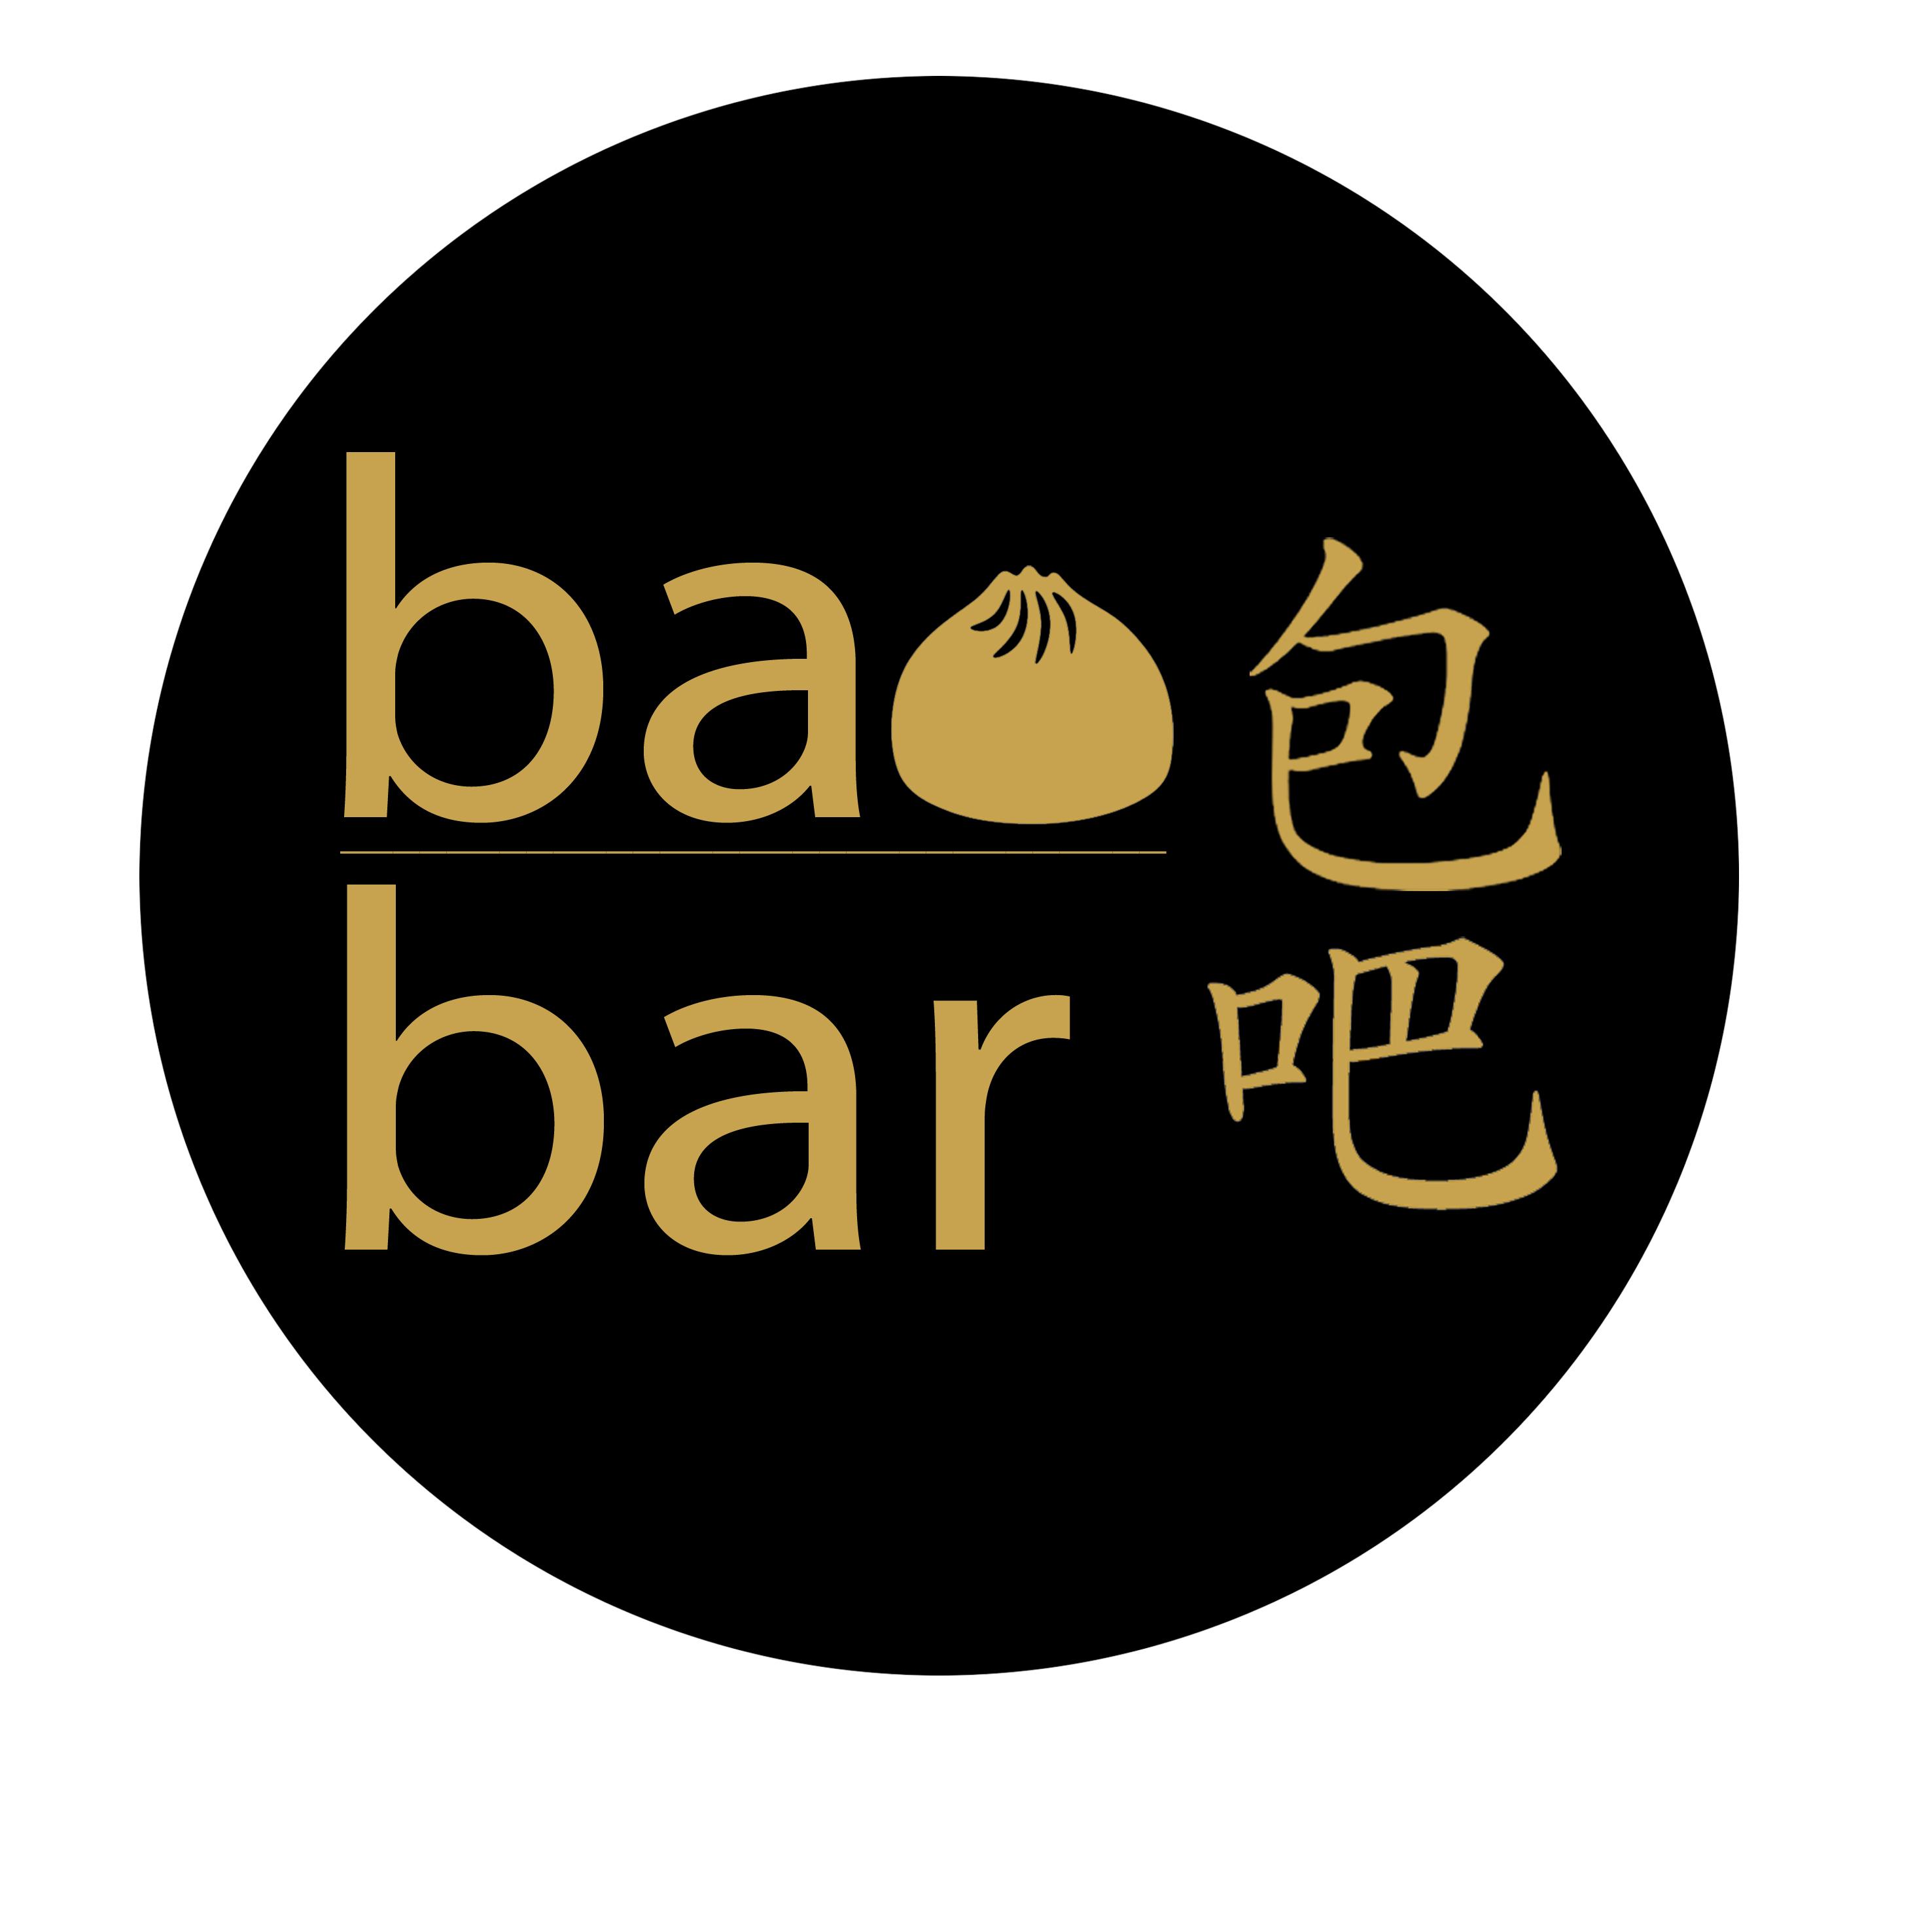 Baobar Singapur